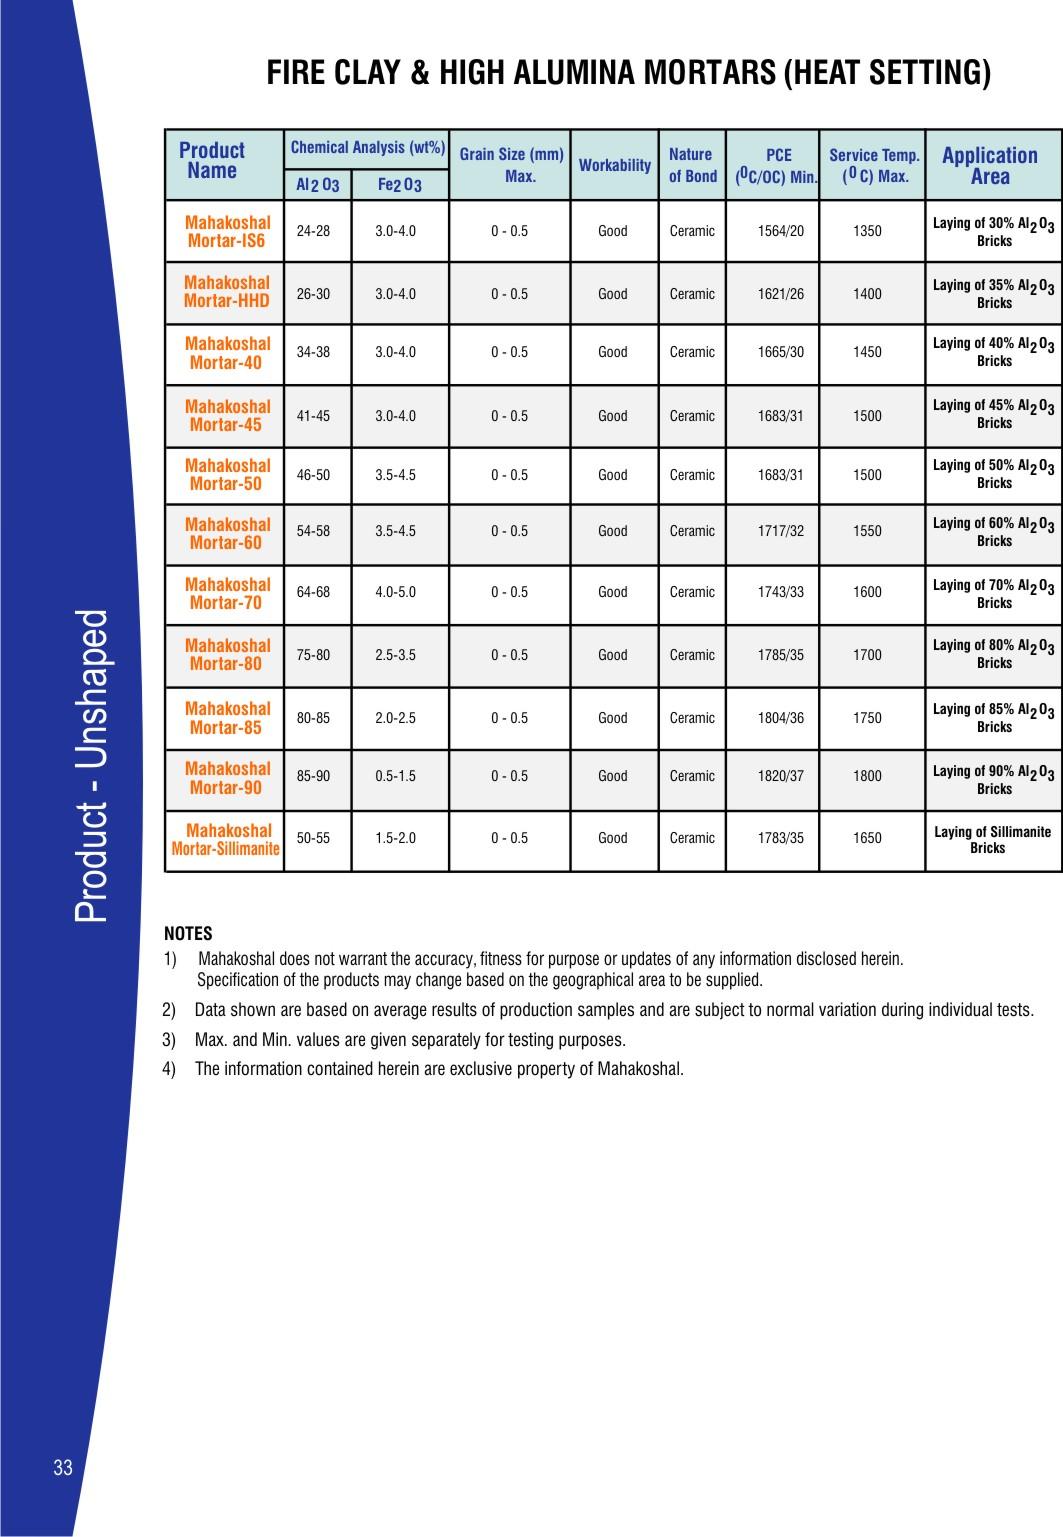 Fire Clay & High Alumina Mortars (Heat Setting) - Mahakoshal